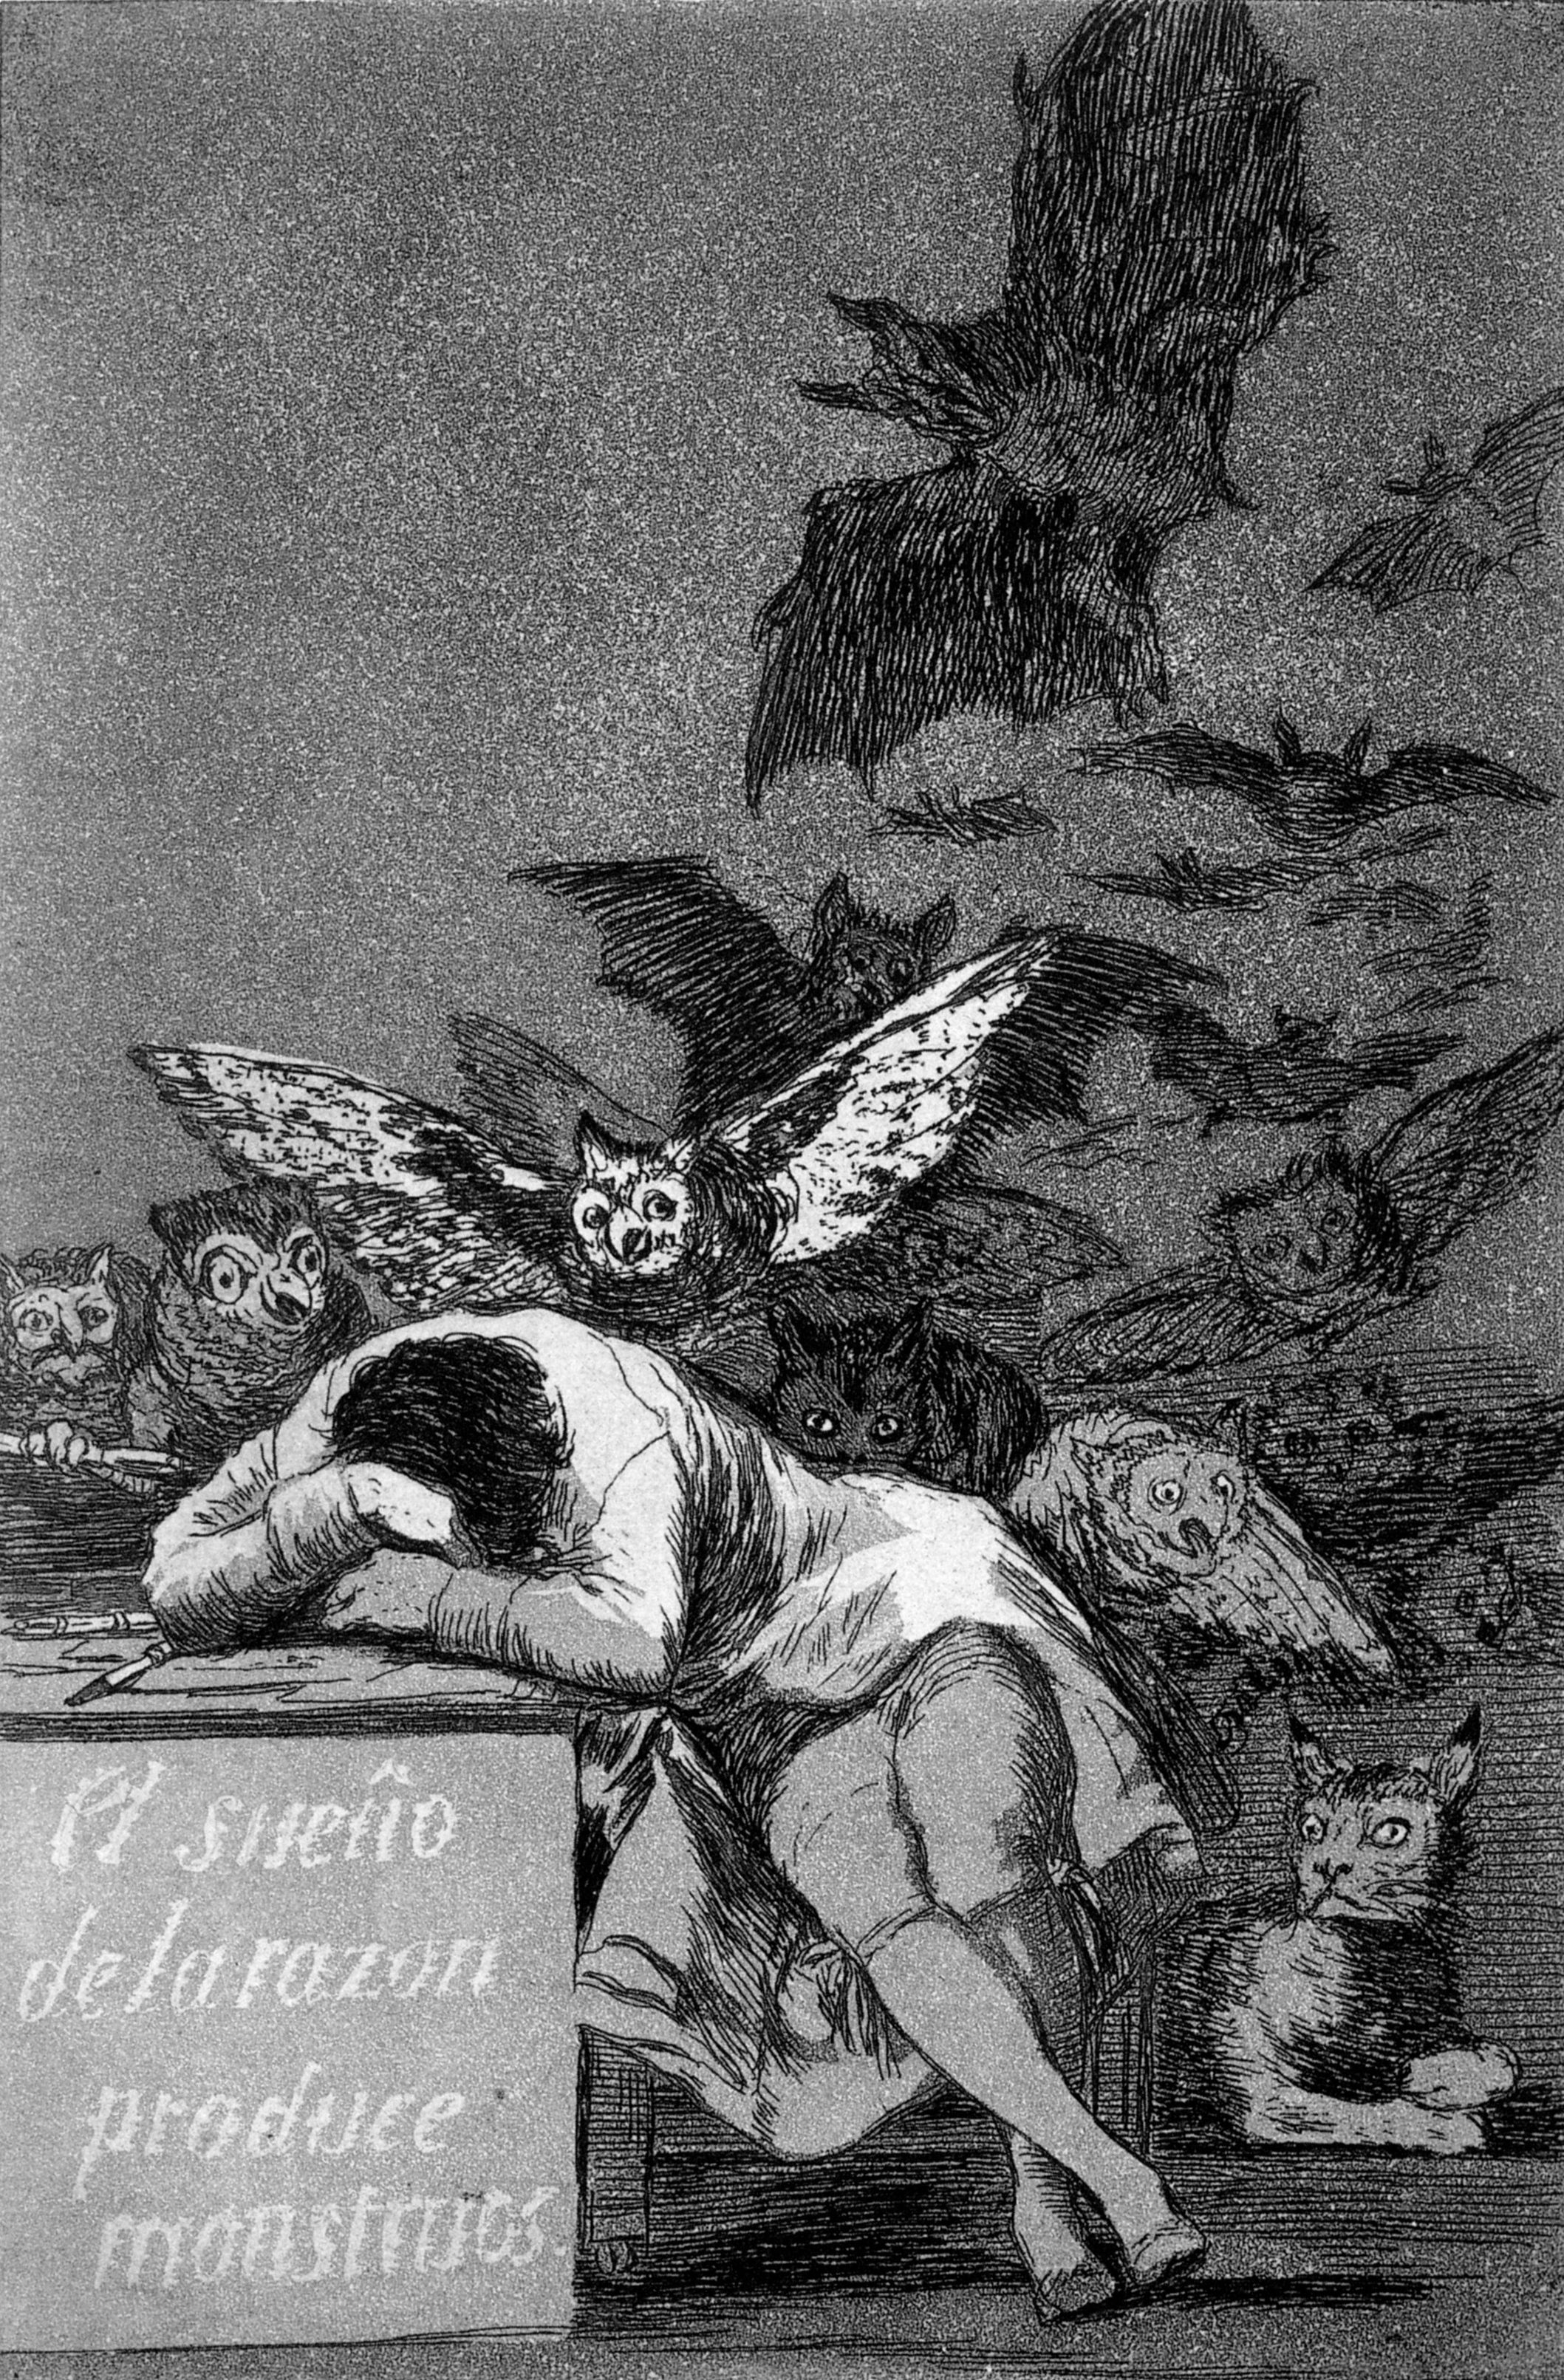 El sueño de la razón produce monstru